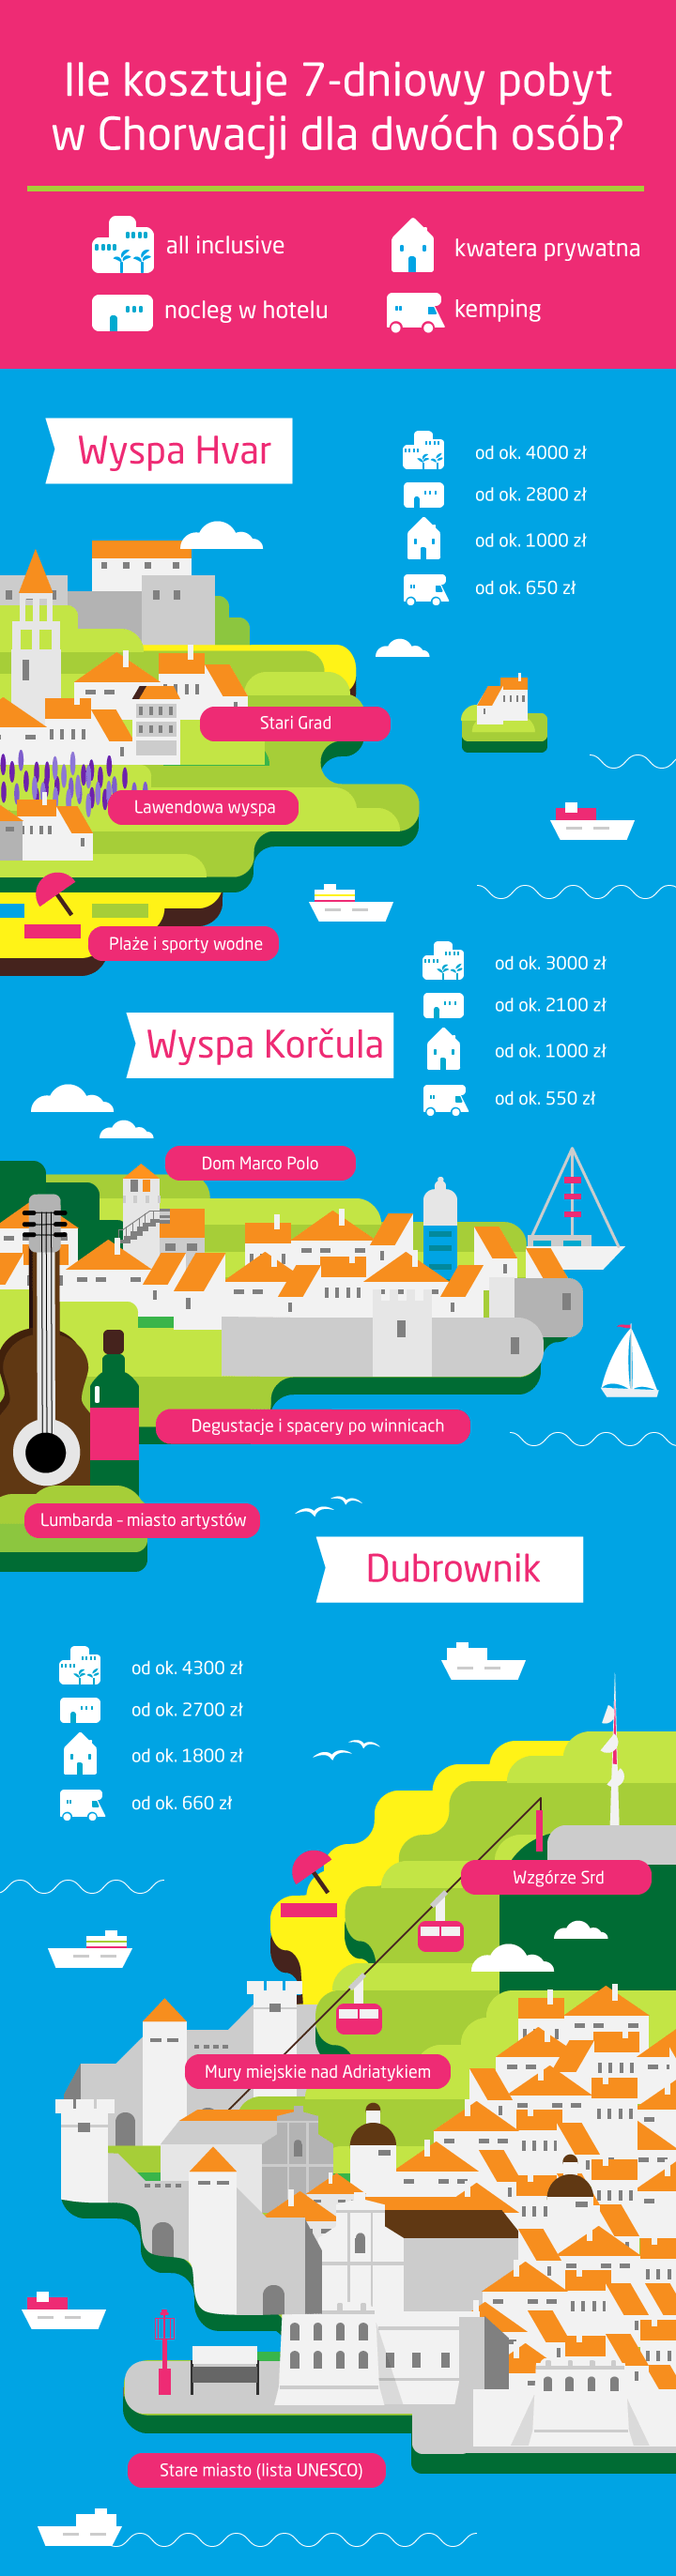 Ceny w Chorwacji, ceny noclegów - infografika